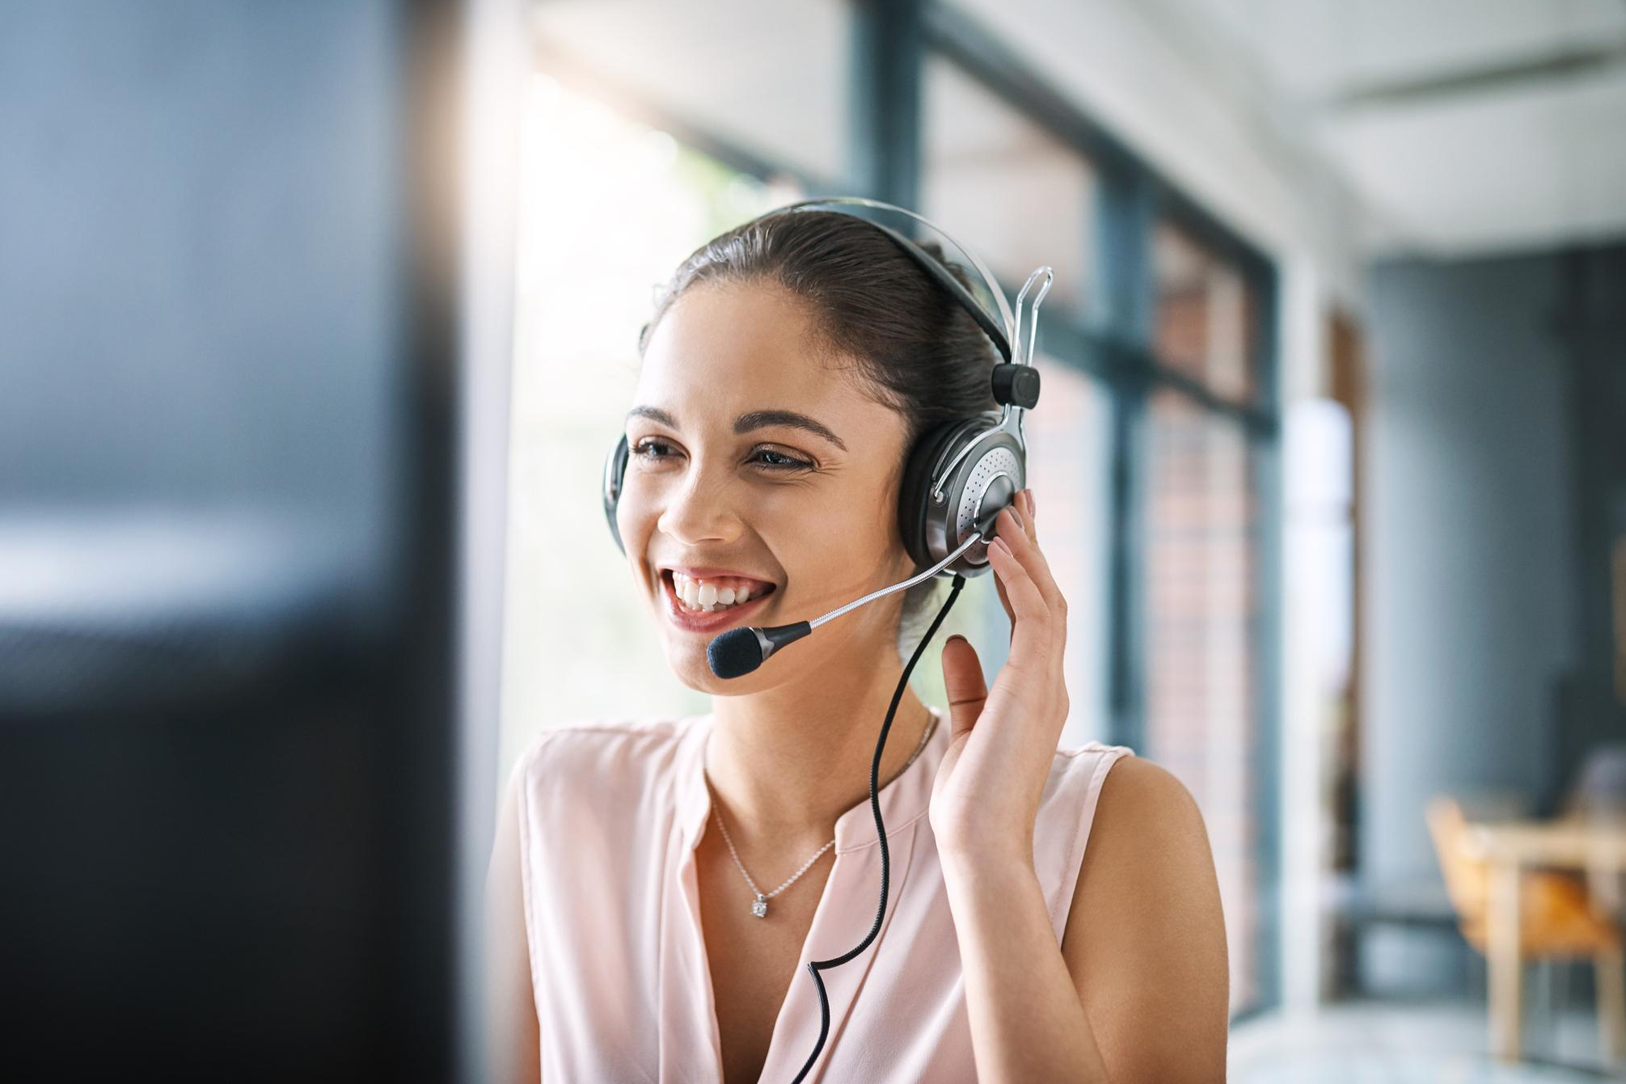 Solutions Installations Customer Service